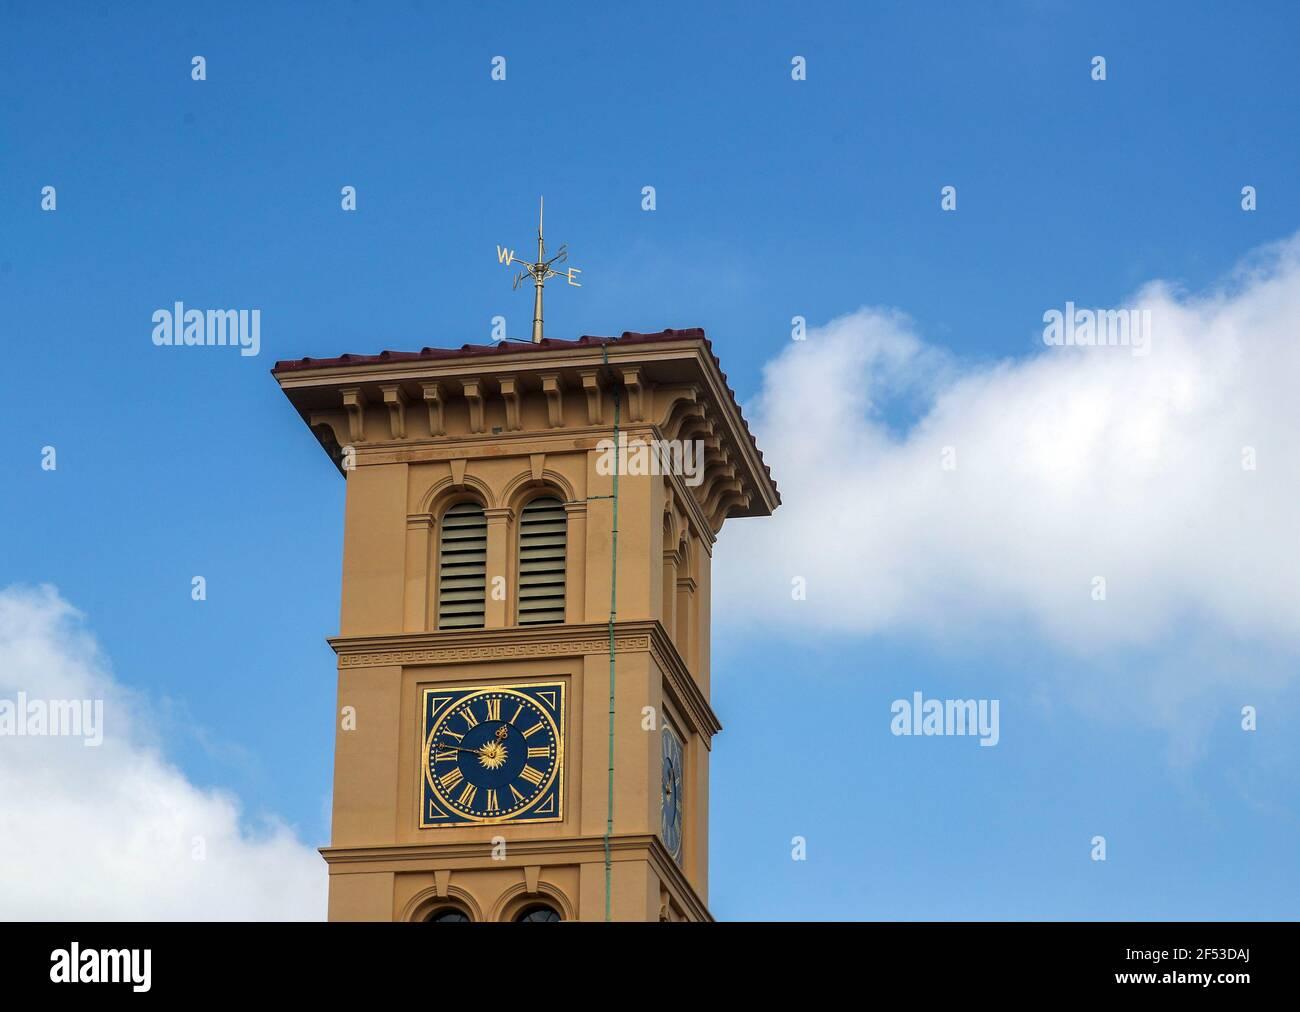 Die neu restaurierte viktorianische Wettervane auf dem 90ft-Uhr-Turm im Osborne House von English Heritage in East Cowes, auf der Isle of Wight, nach einer zweijährigen Restaurierung der Schaufel, nachdem sie während eines Sturms beschädigt wurde. Bilddatum: Mittwoch, 24. März 2021. Stockfoto